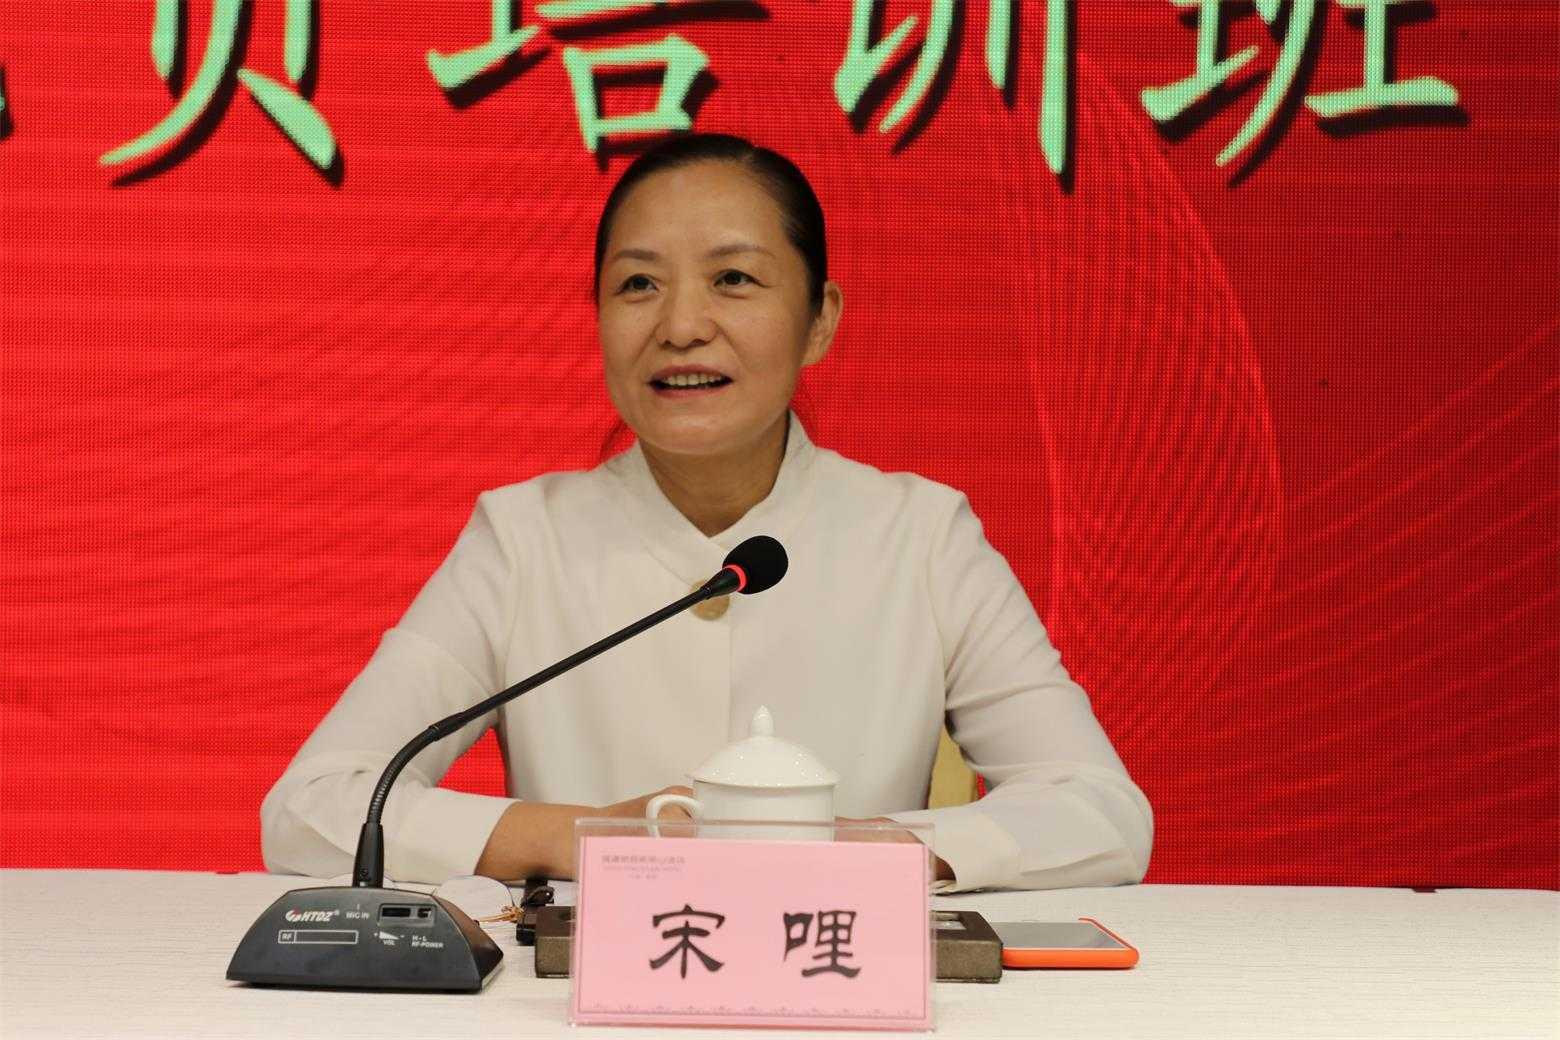 福建省民族宗教系统网络评论员培训班在福州举办